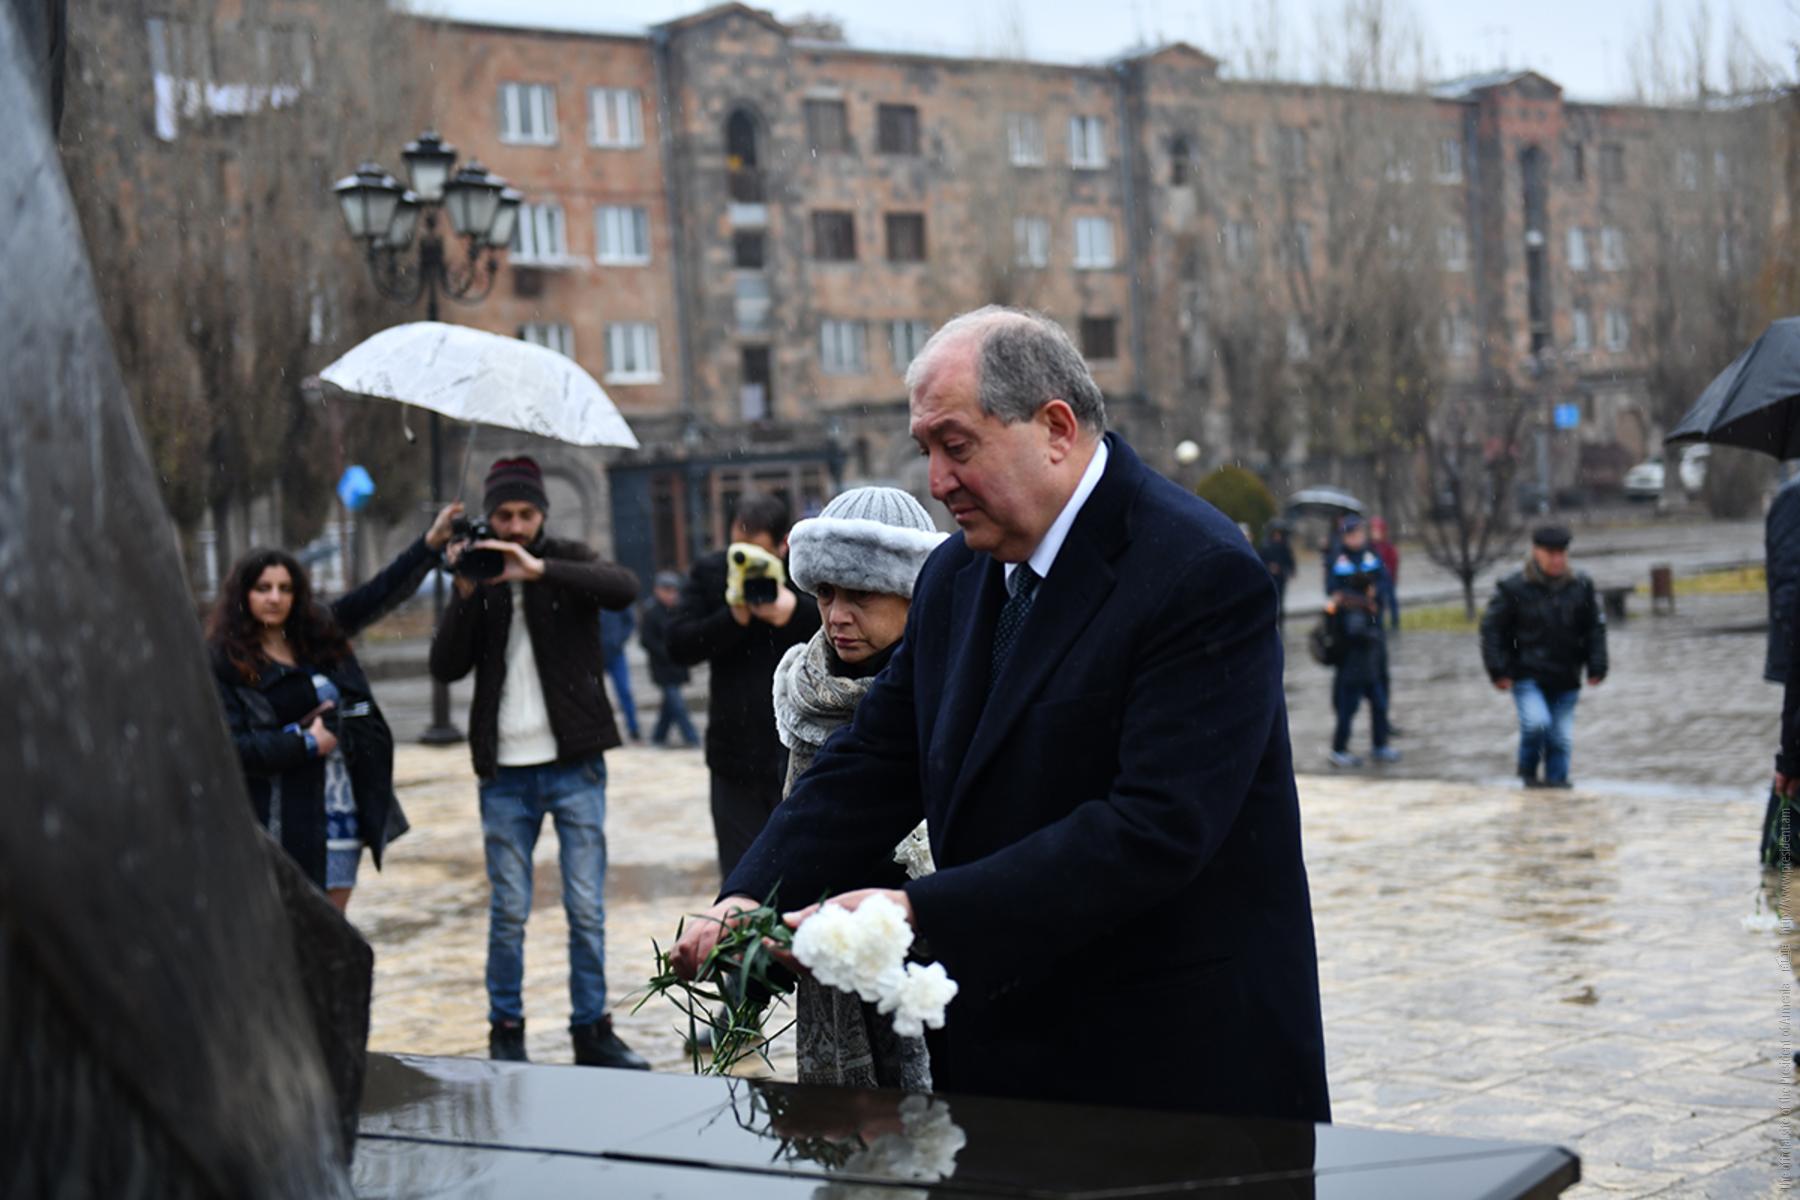 gyoumri--es-qez-gitem-ou-siroum-em-bac-namak-gyoumriin-hh-naxagah-armen-sargsyanic